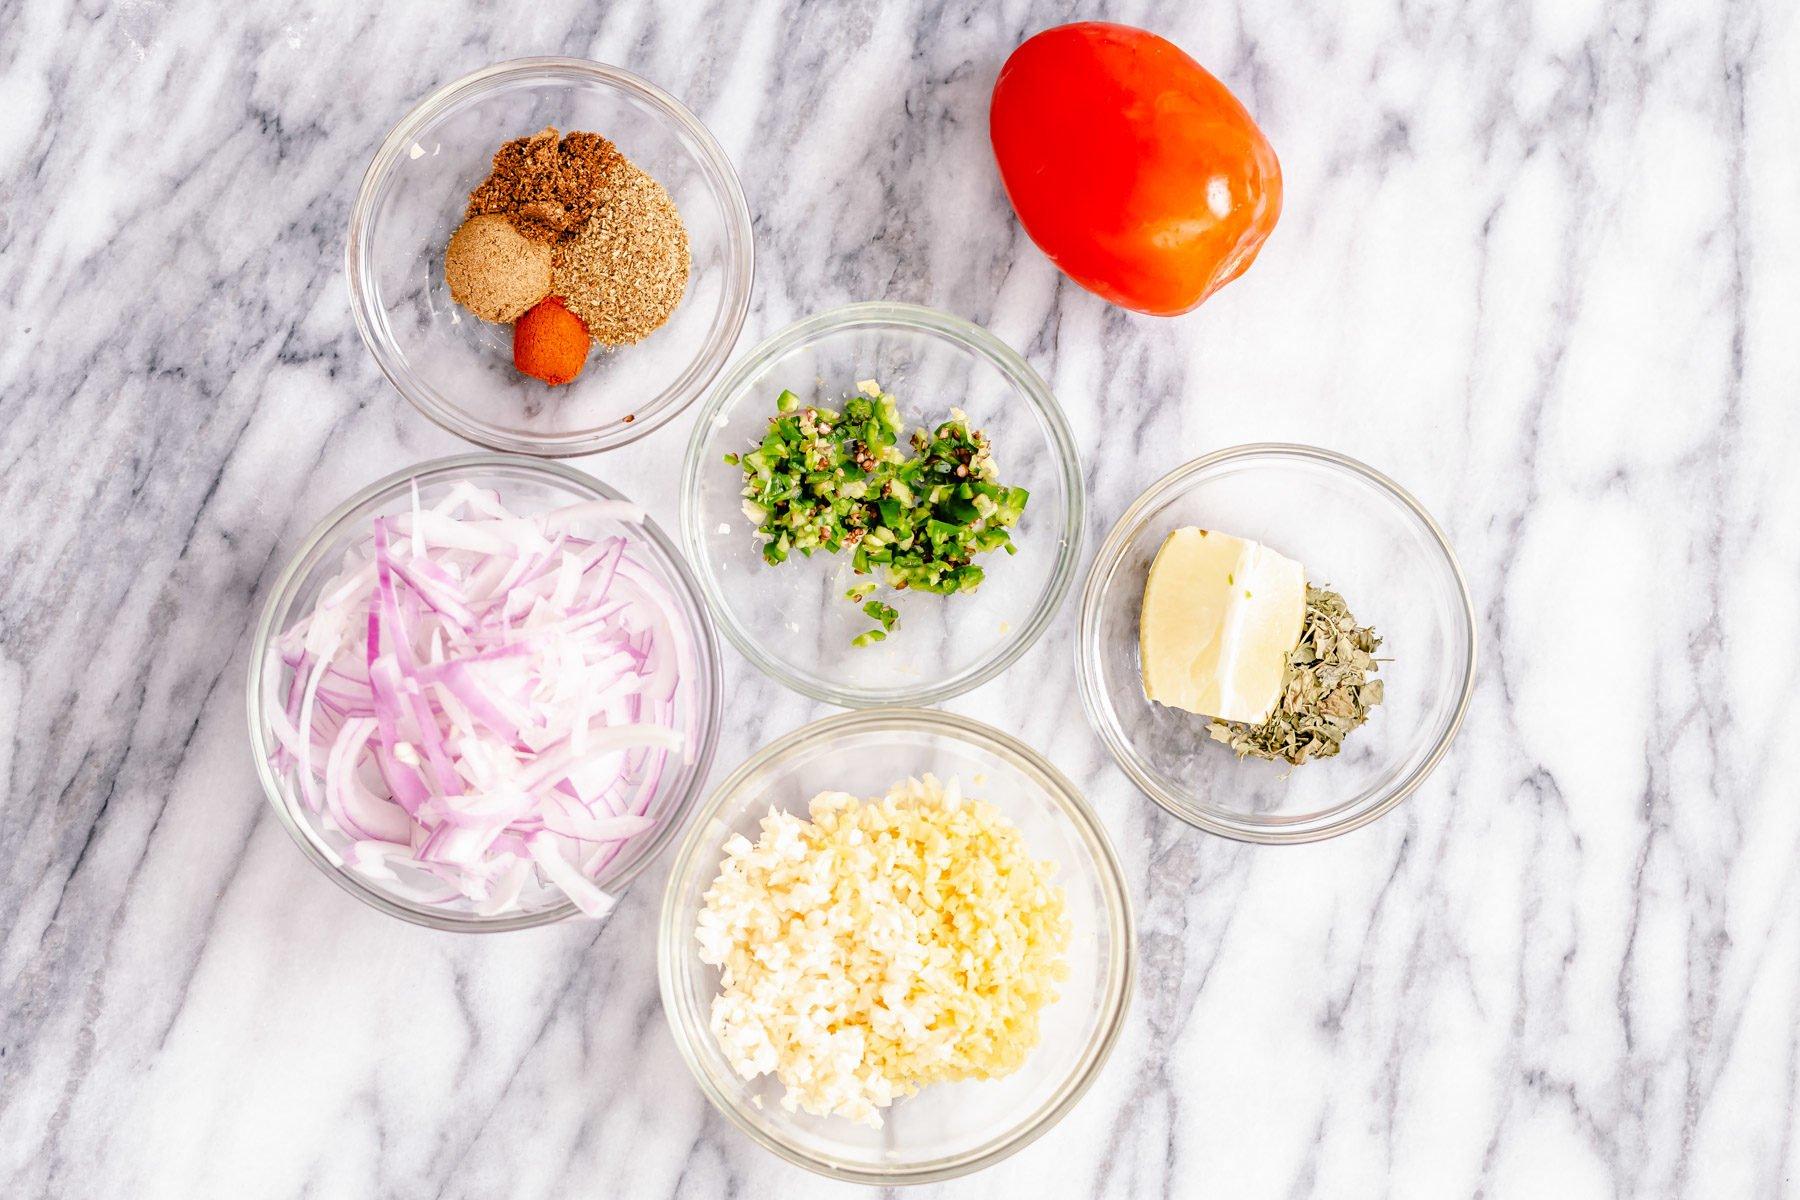 ingredients needed for making vegan aloo gobi